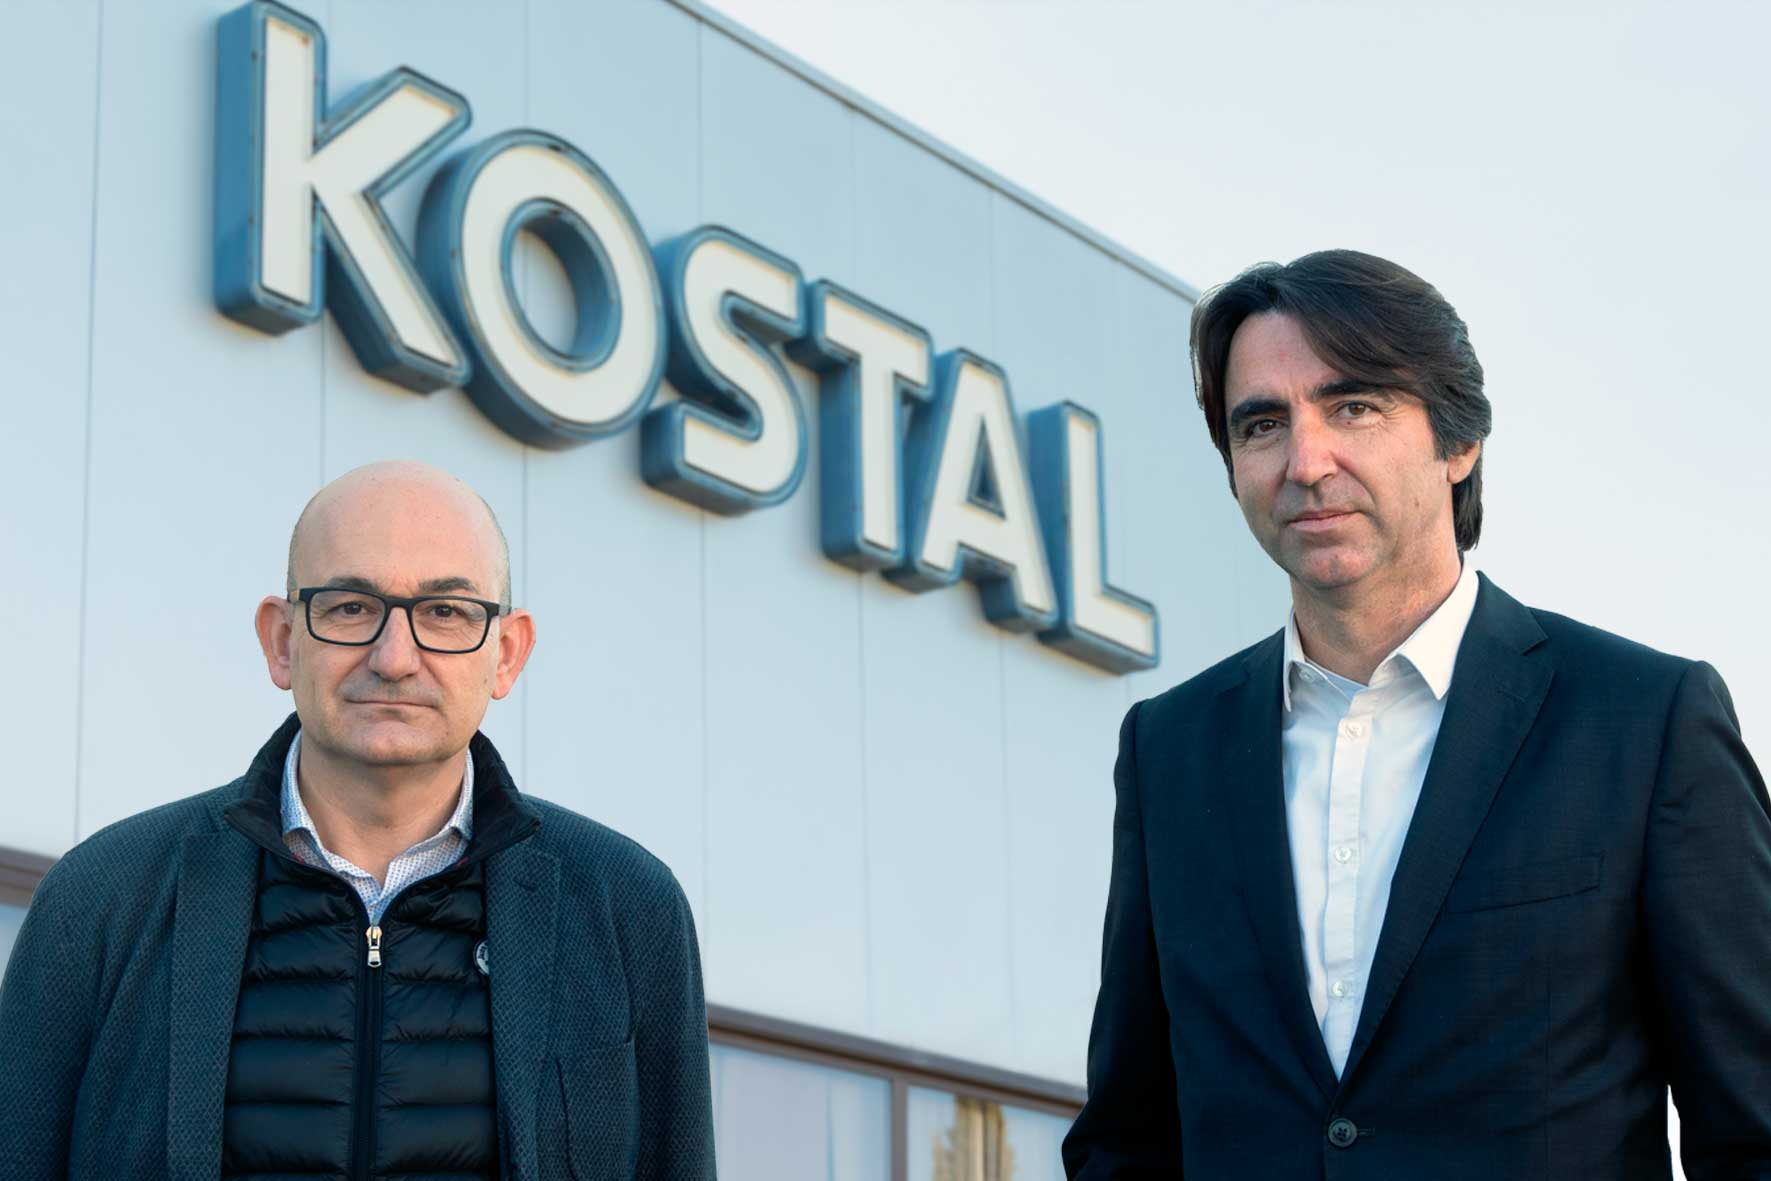 Entrevista a Josep Senar y Ricard Grau sobre la implantación de una app corporativa en KOSTAL Group